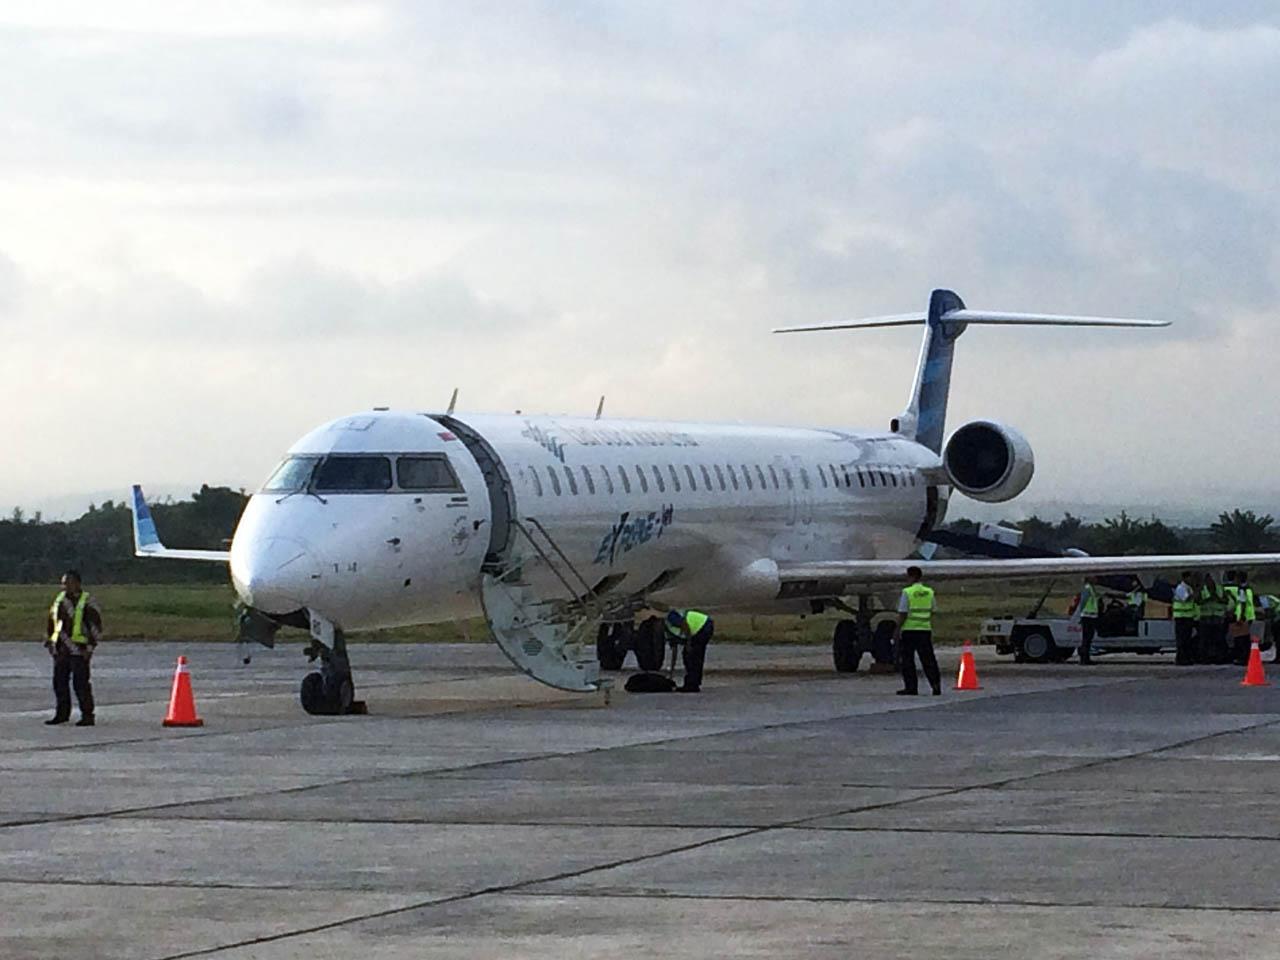 Penerbangan langsung garuda jakarta banyuwangi - Soetta - Blimbingsari